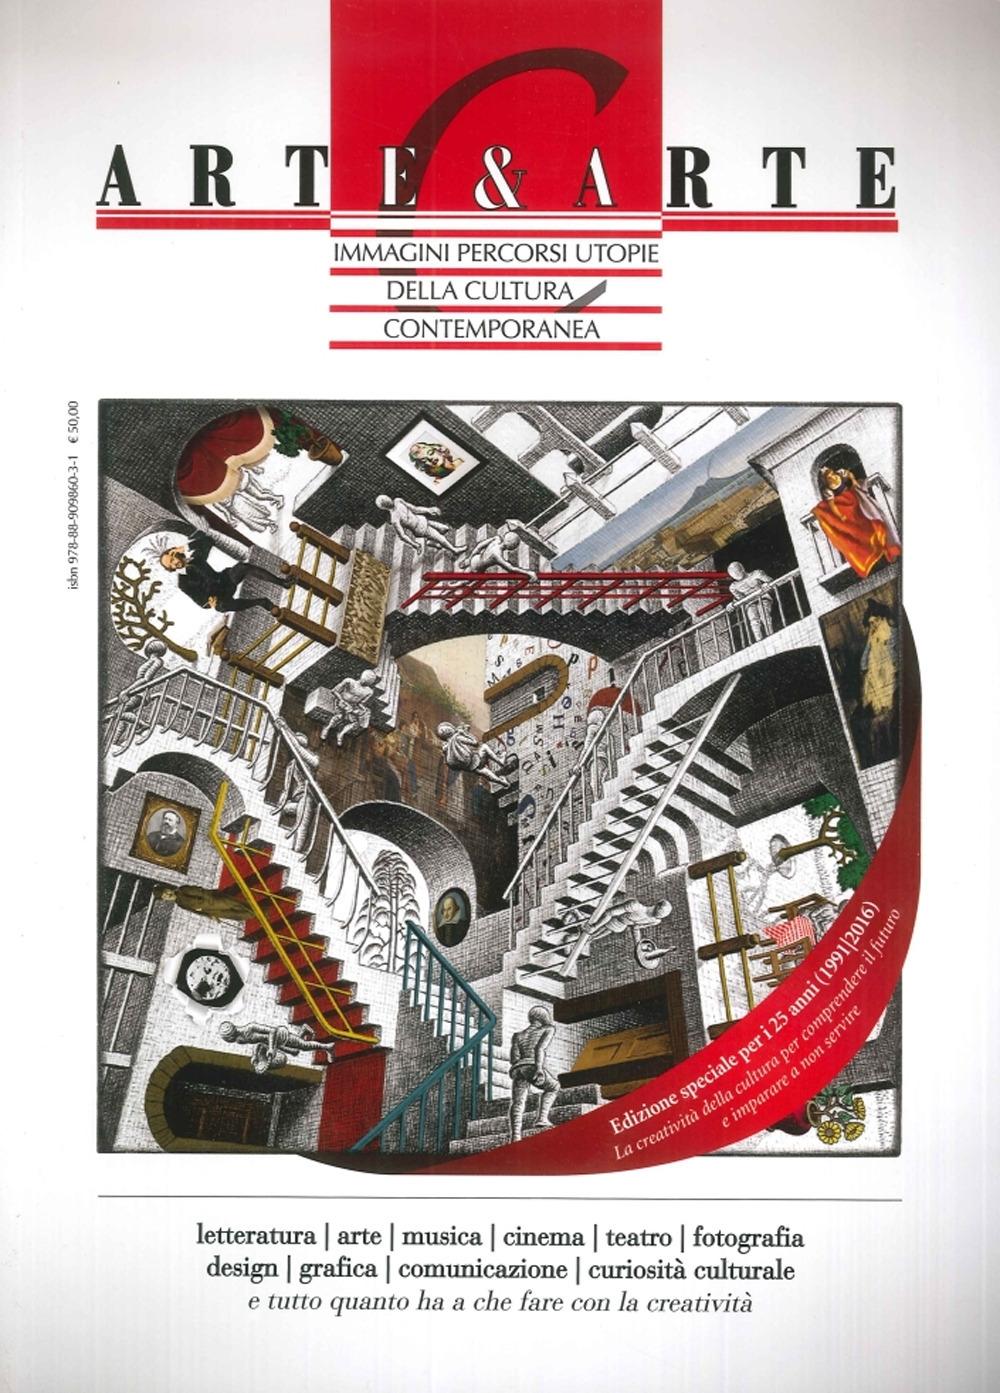 Arte & Carte. Immagini, Percorsi, Utopie della Cultura Contemporanea. (Edizione Speciale per i 25 Anni 1991-2016, la Creatività della Cultura per Comprendere il Futuro e Imparare a non Servire)